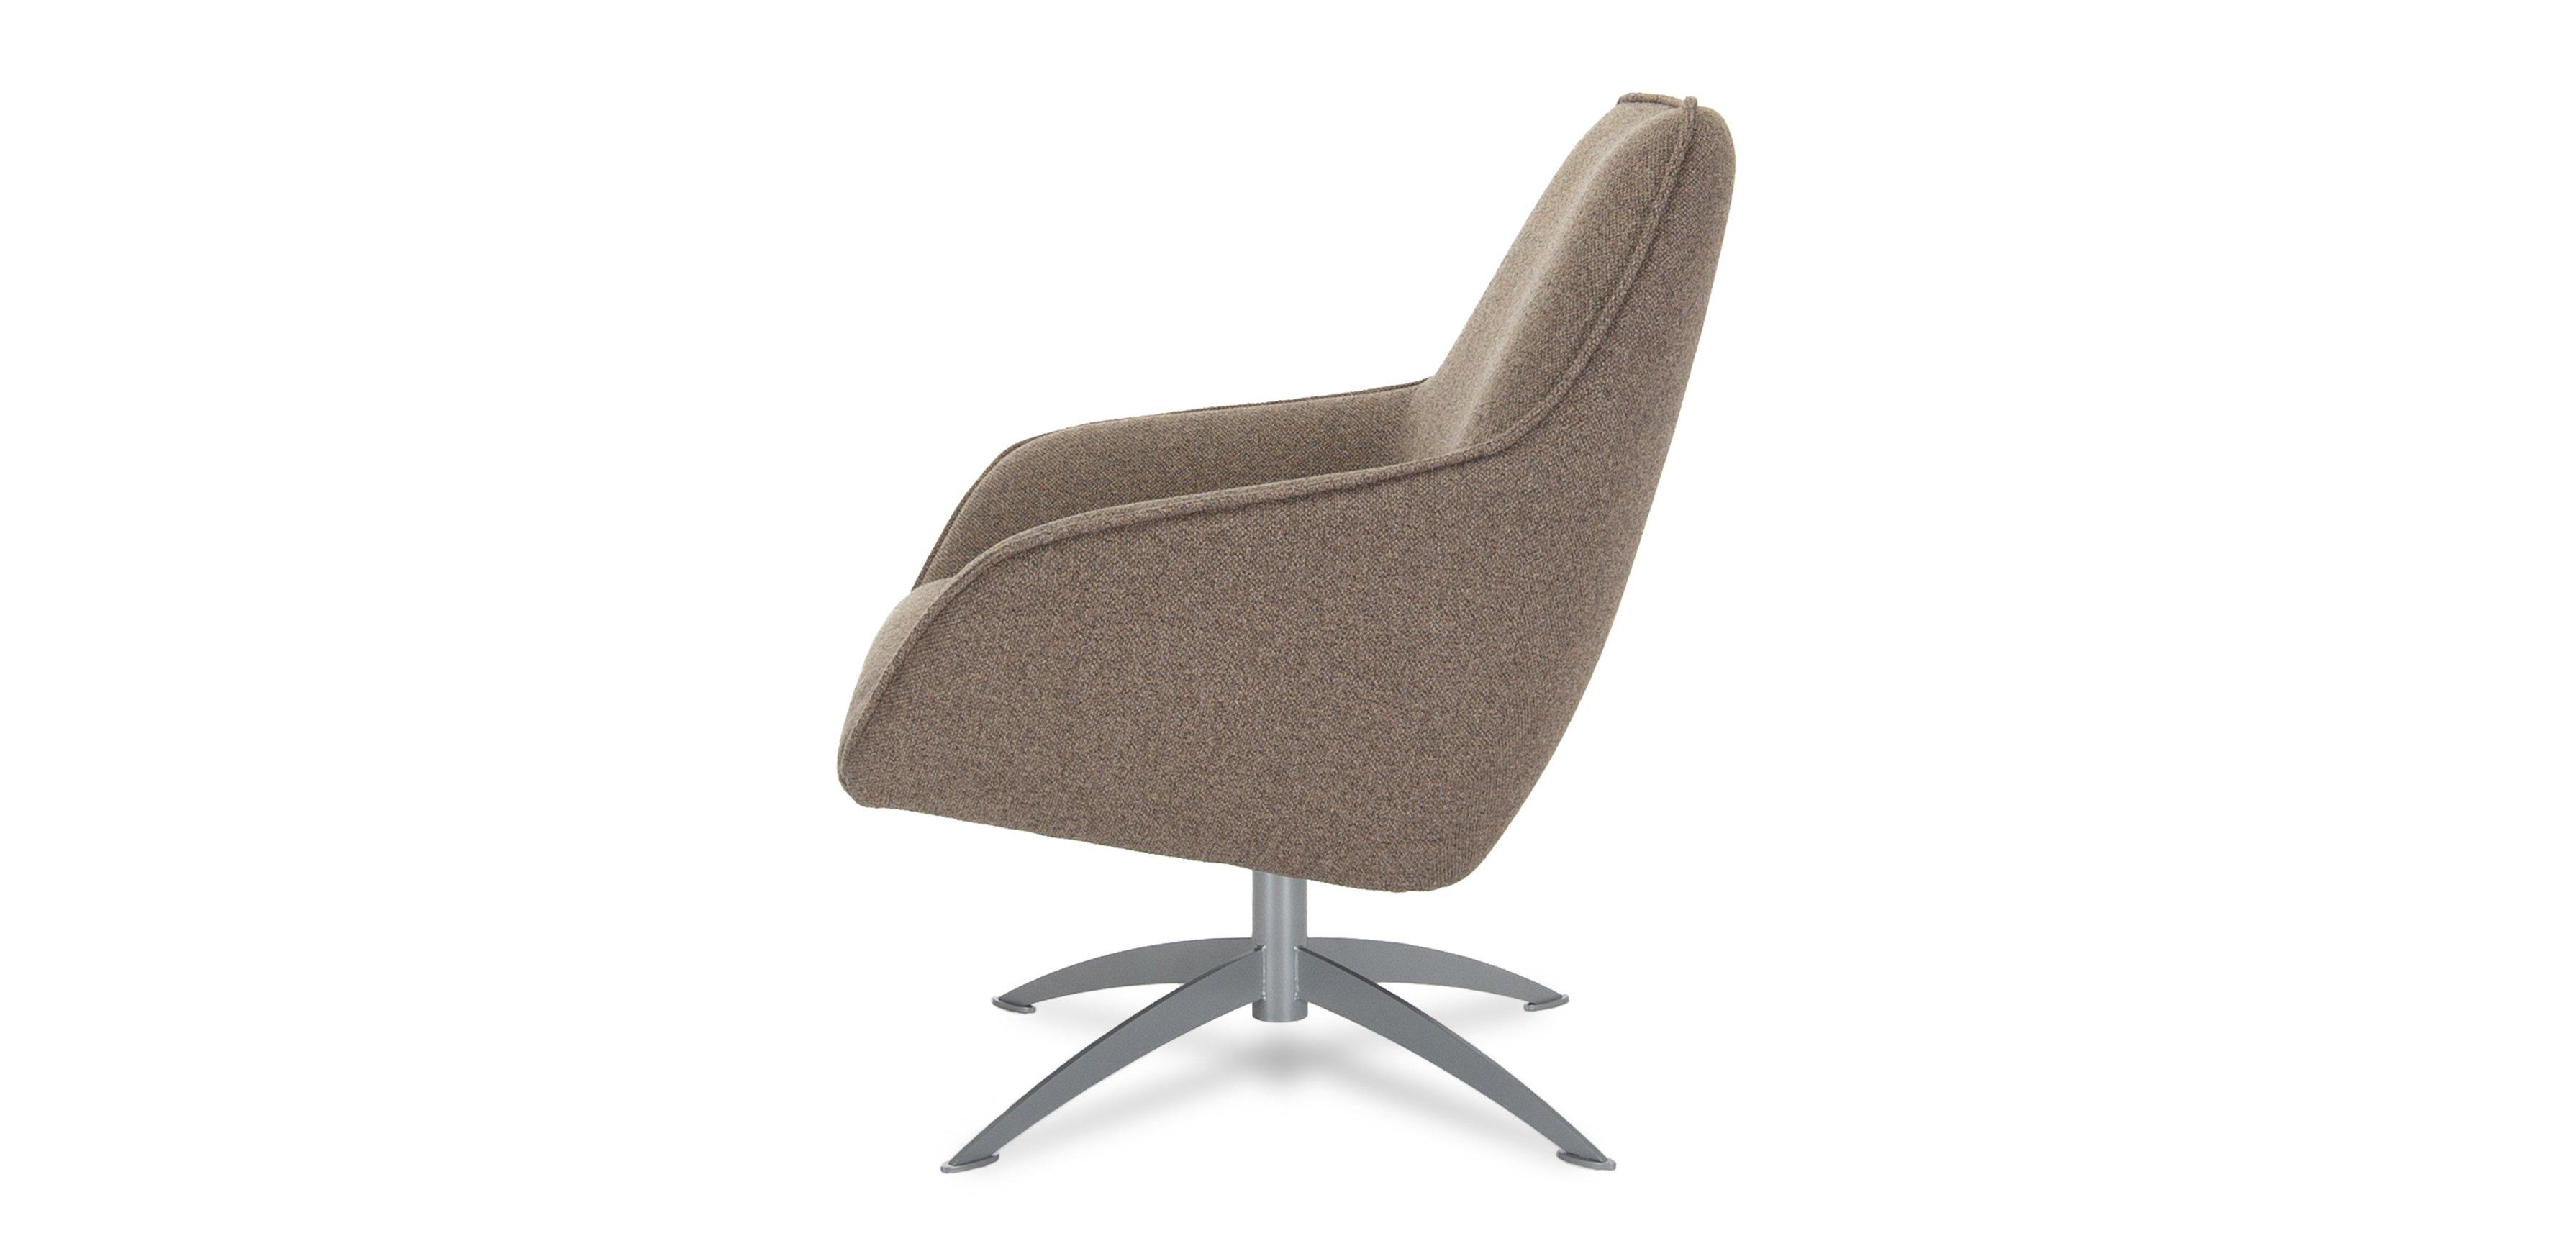 Faas fauteuil DYYK 3580x1750 5